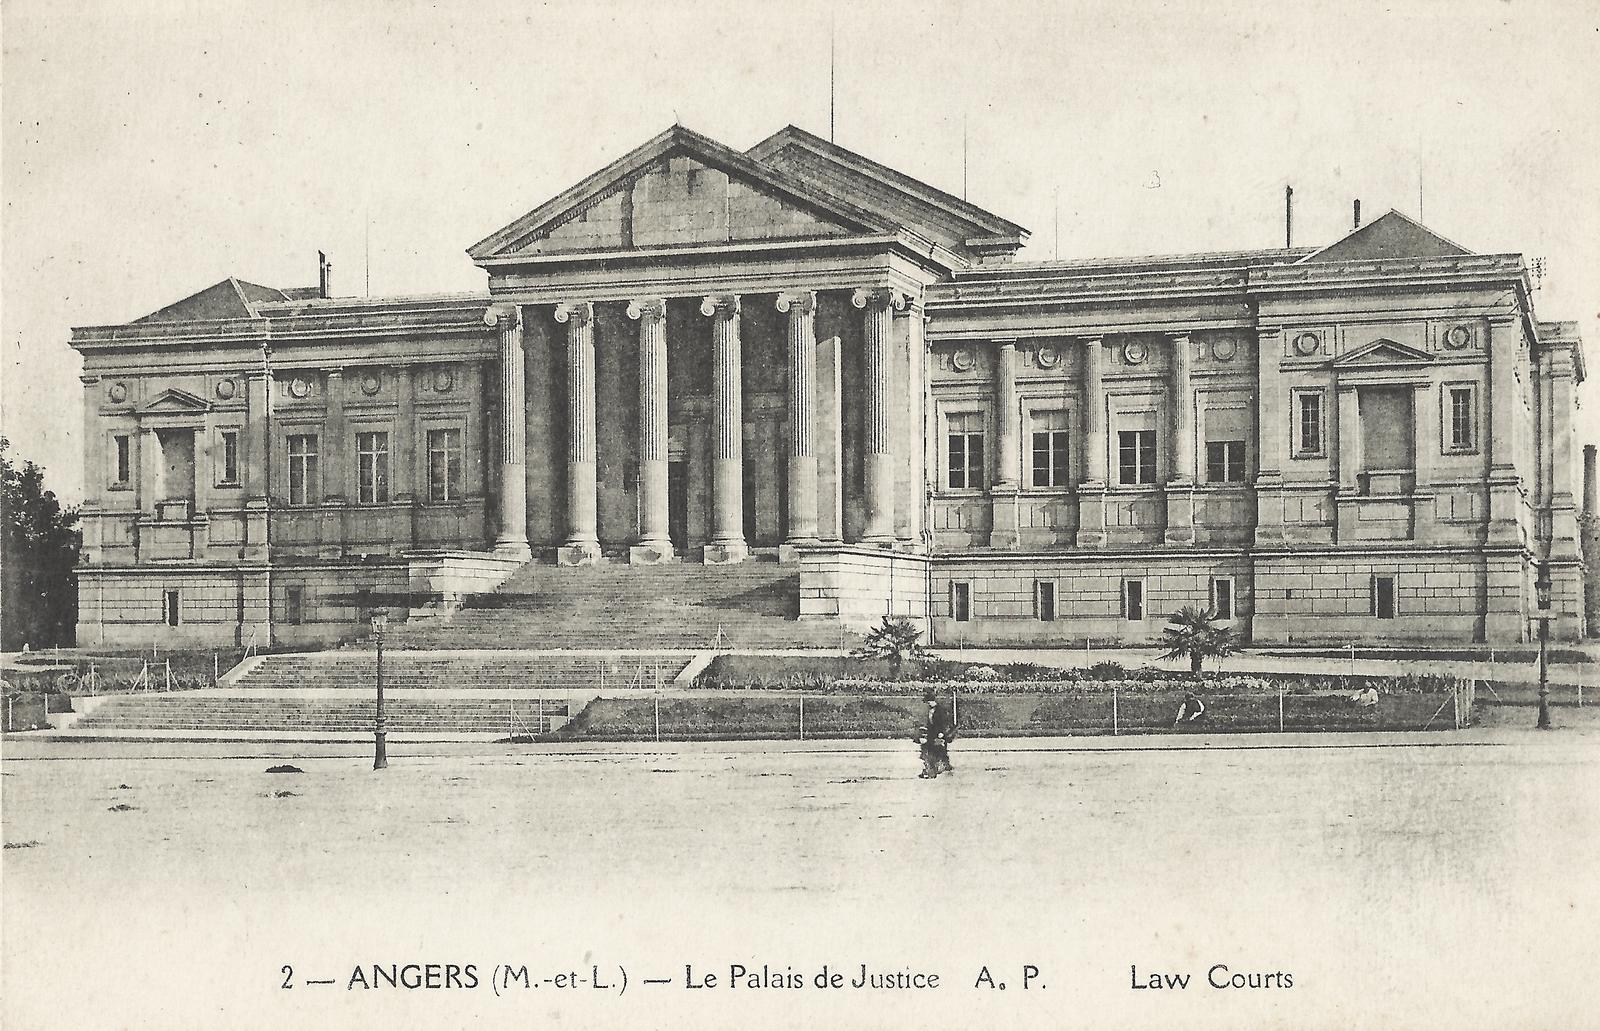 Angers - Palais de Justice